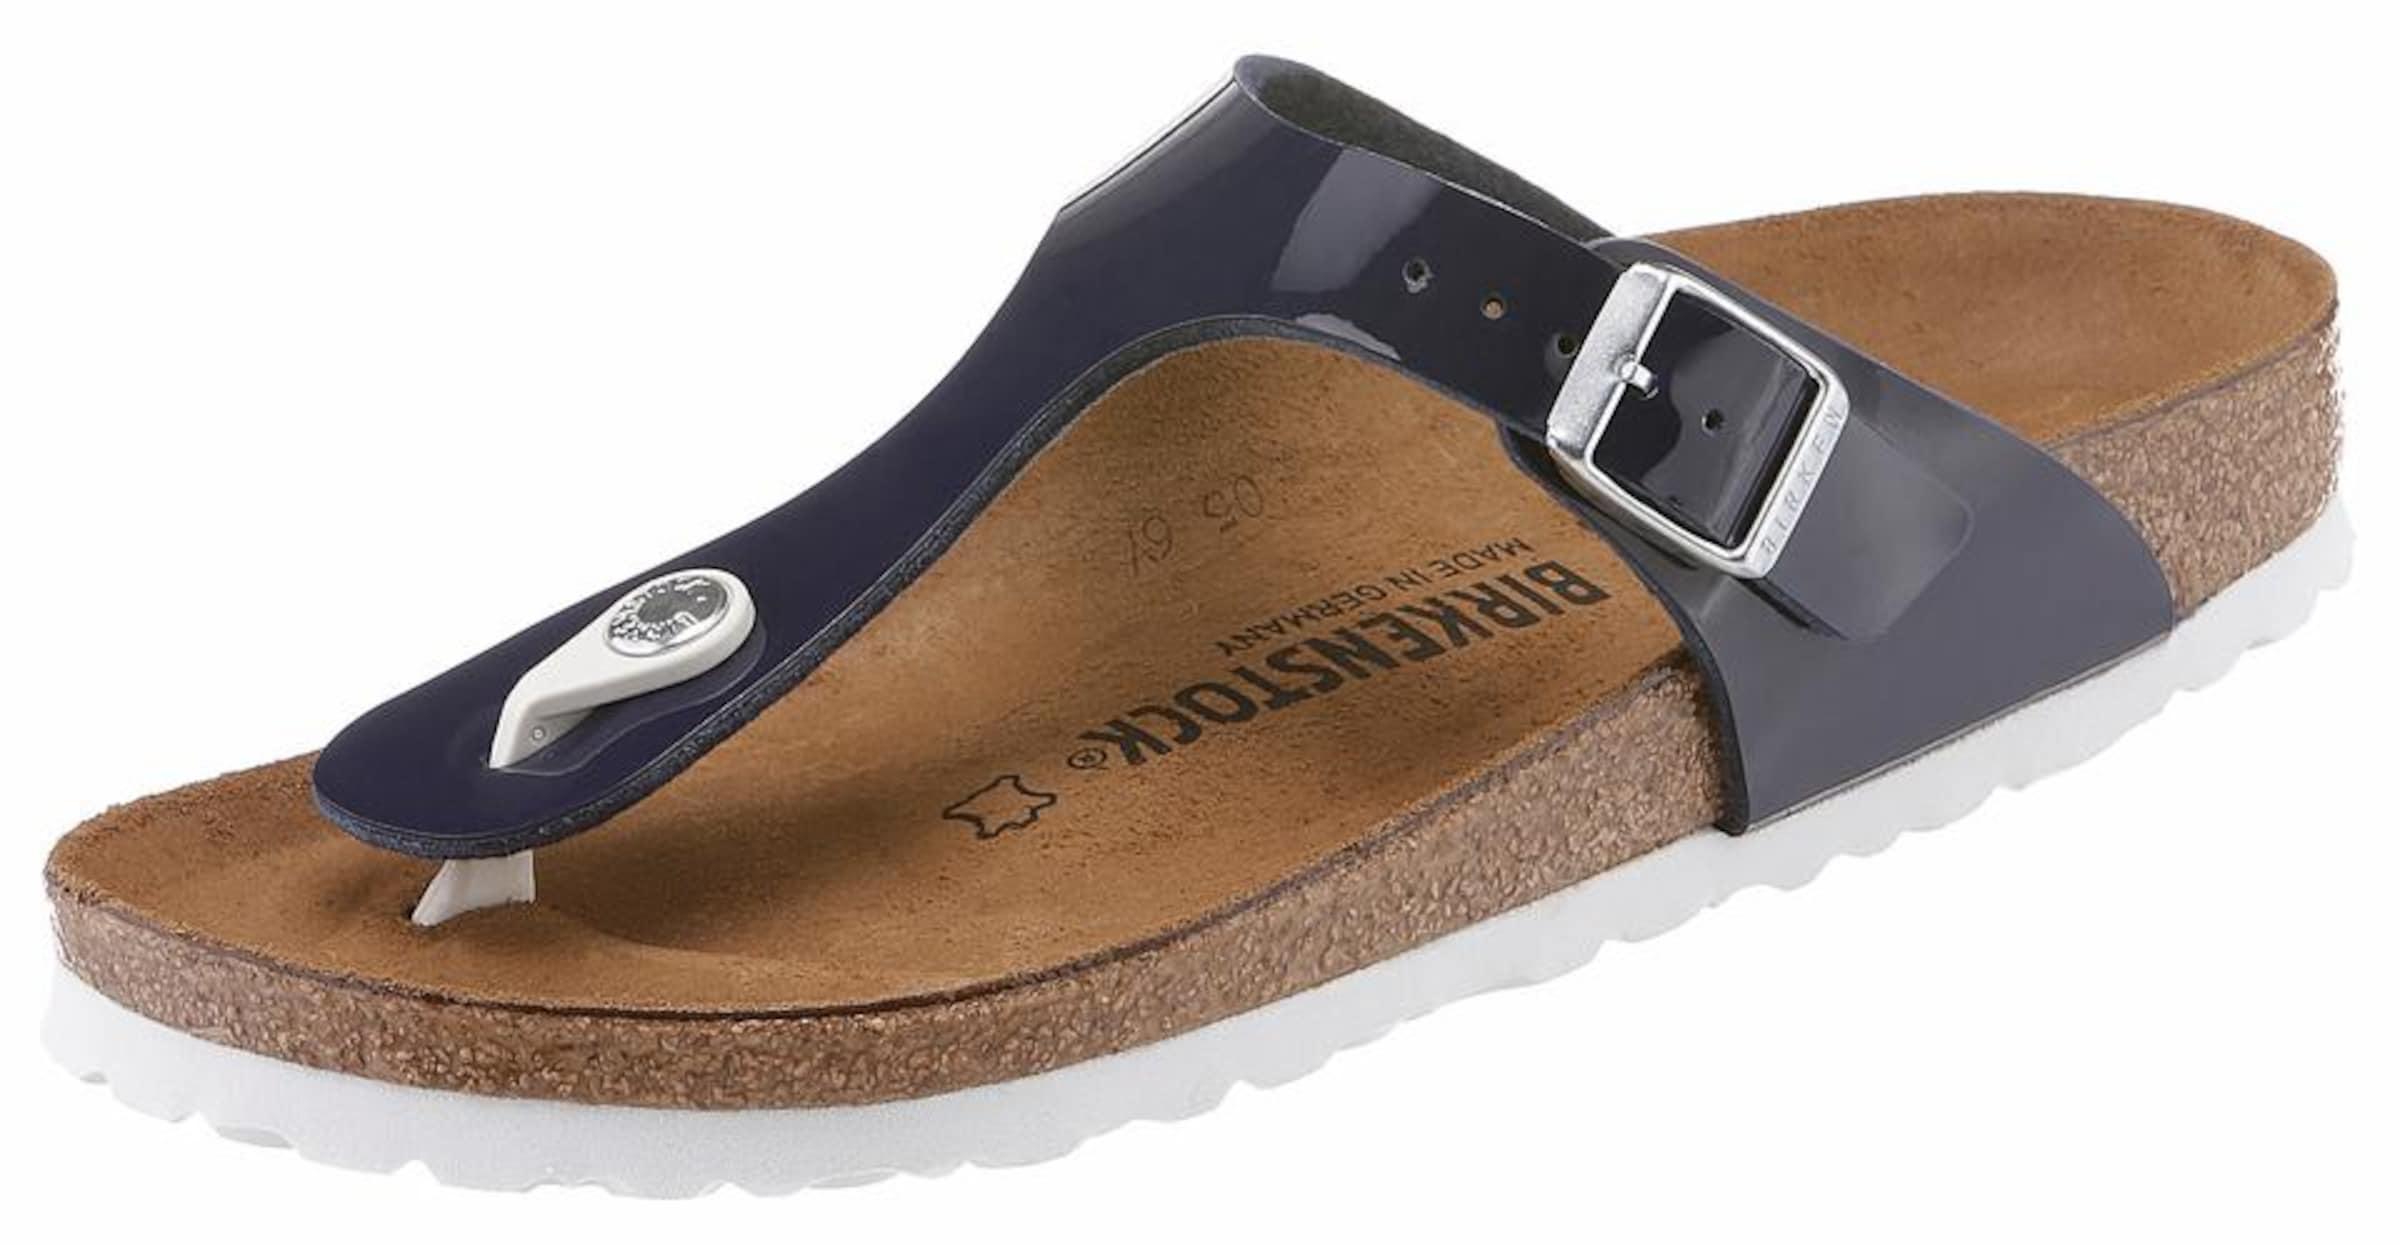 BIRKENSTOCK Zehentrenner Verschleißfeste billige Schuhe Hohe Qualität